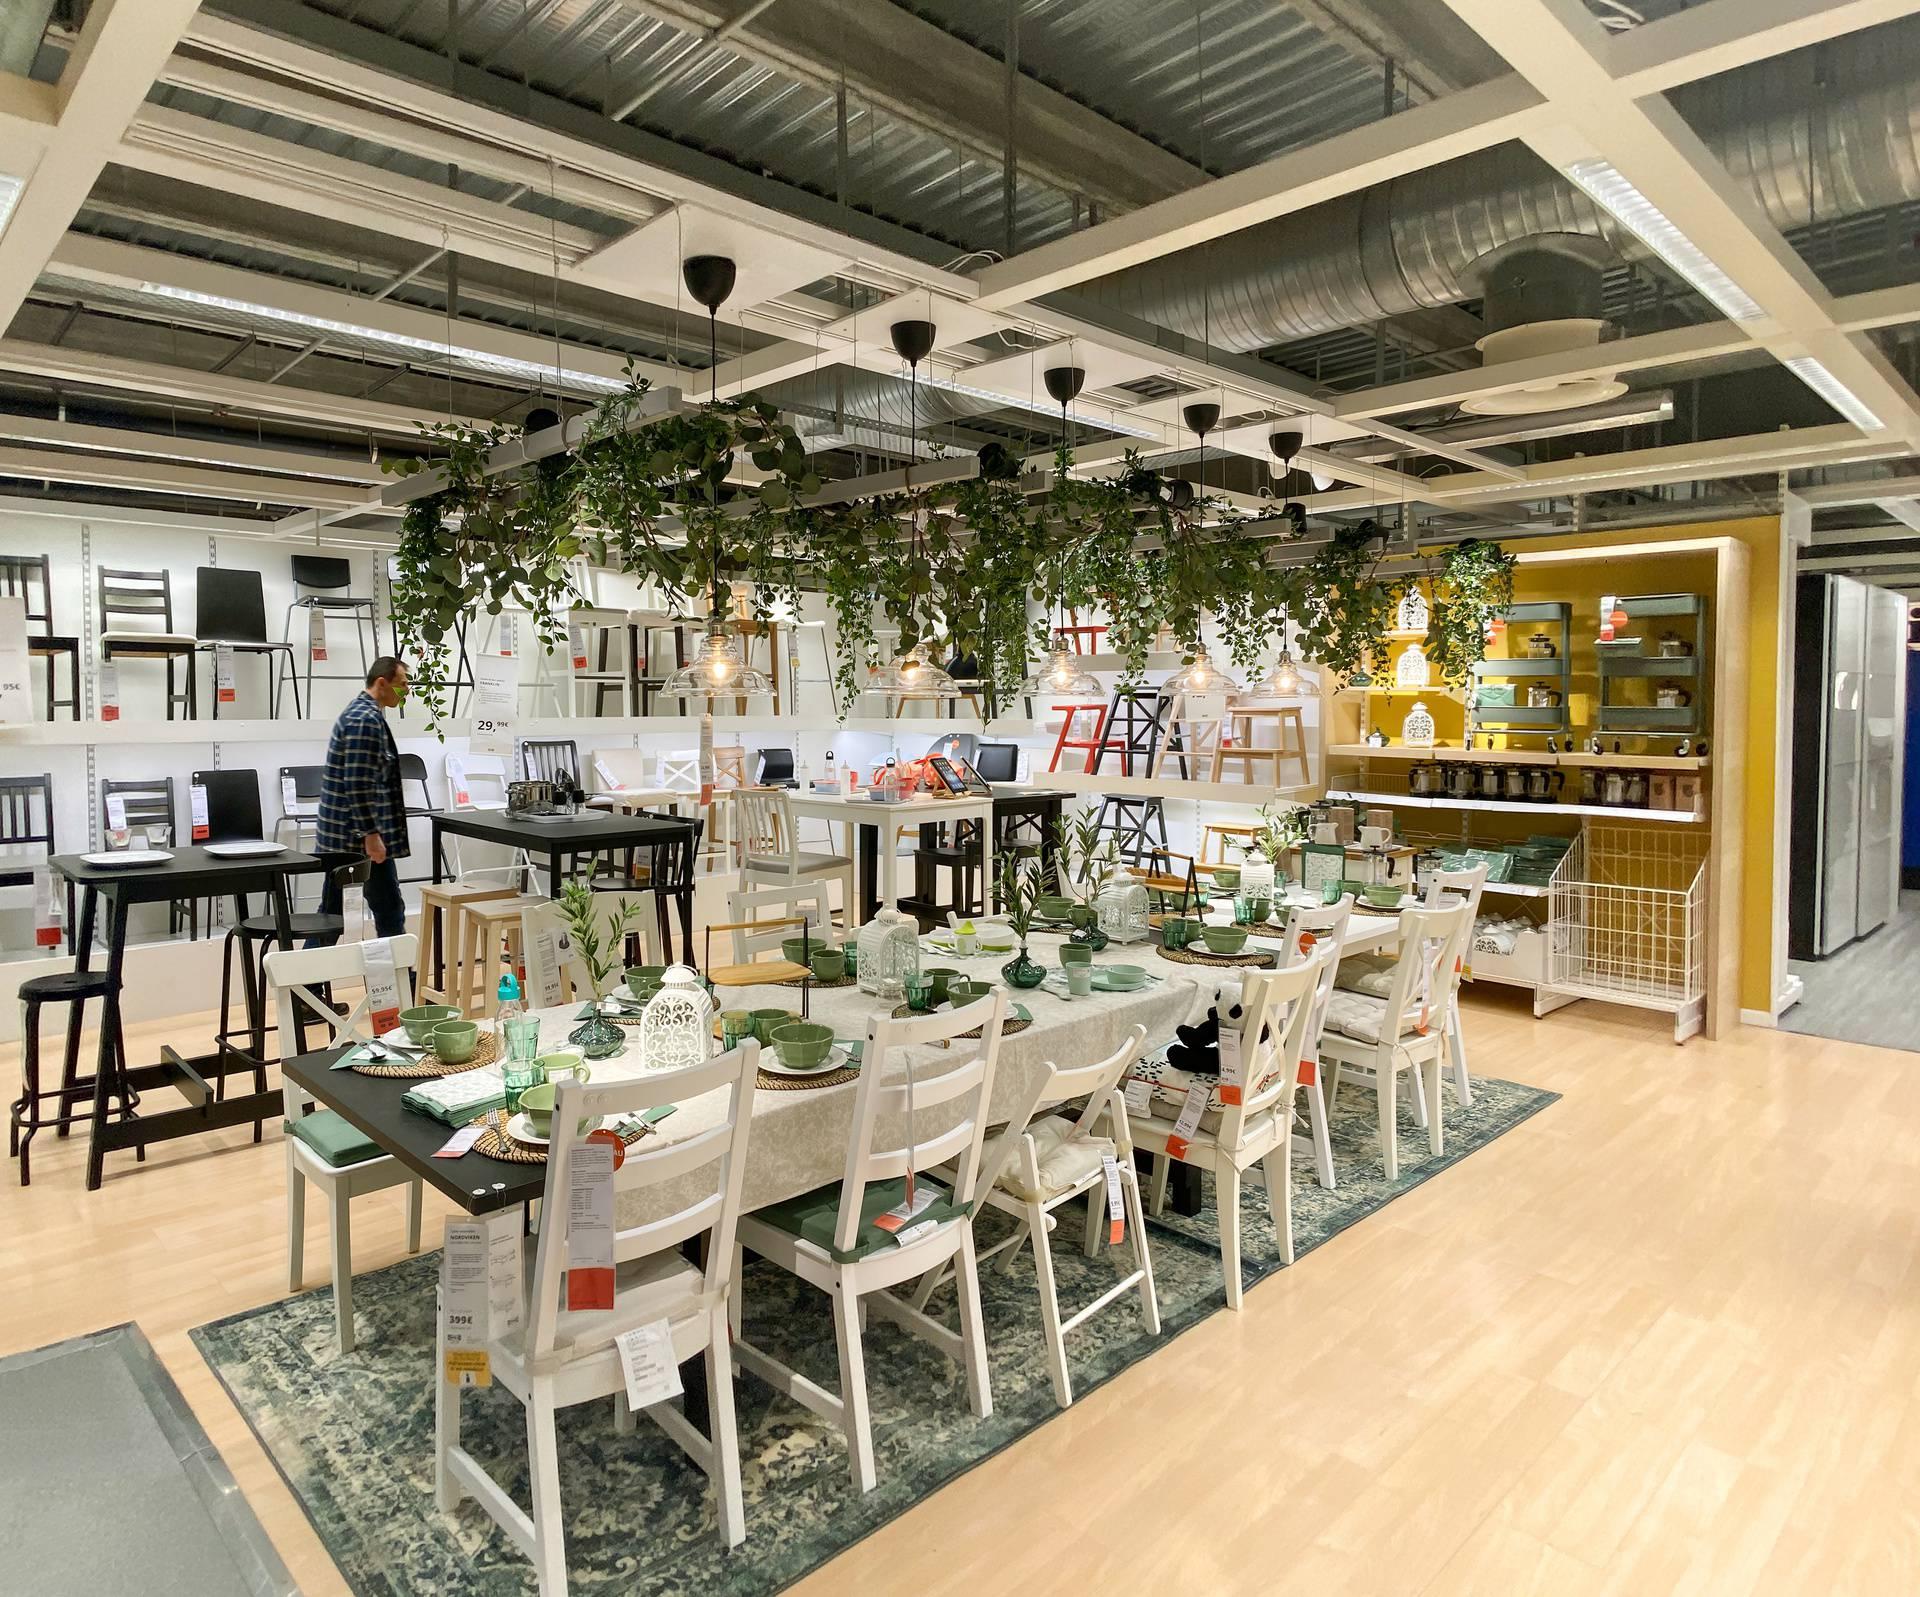 Zaposlenici Ikee: Ovih 8 stvari ne bi trebali raditi u robnoj kući